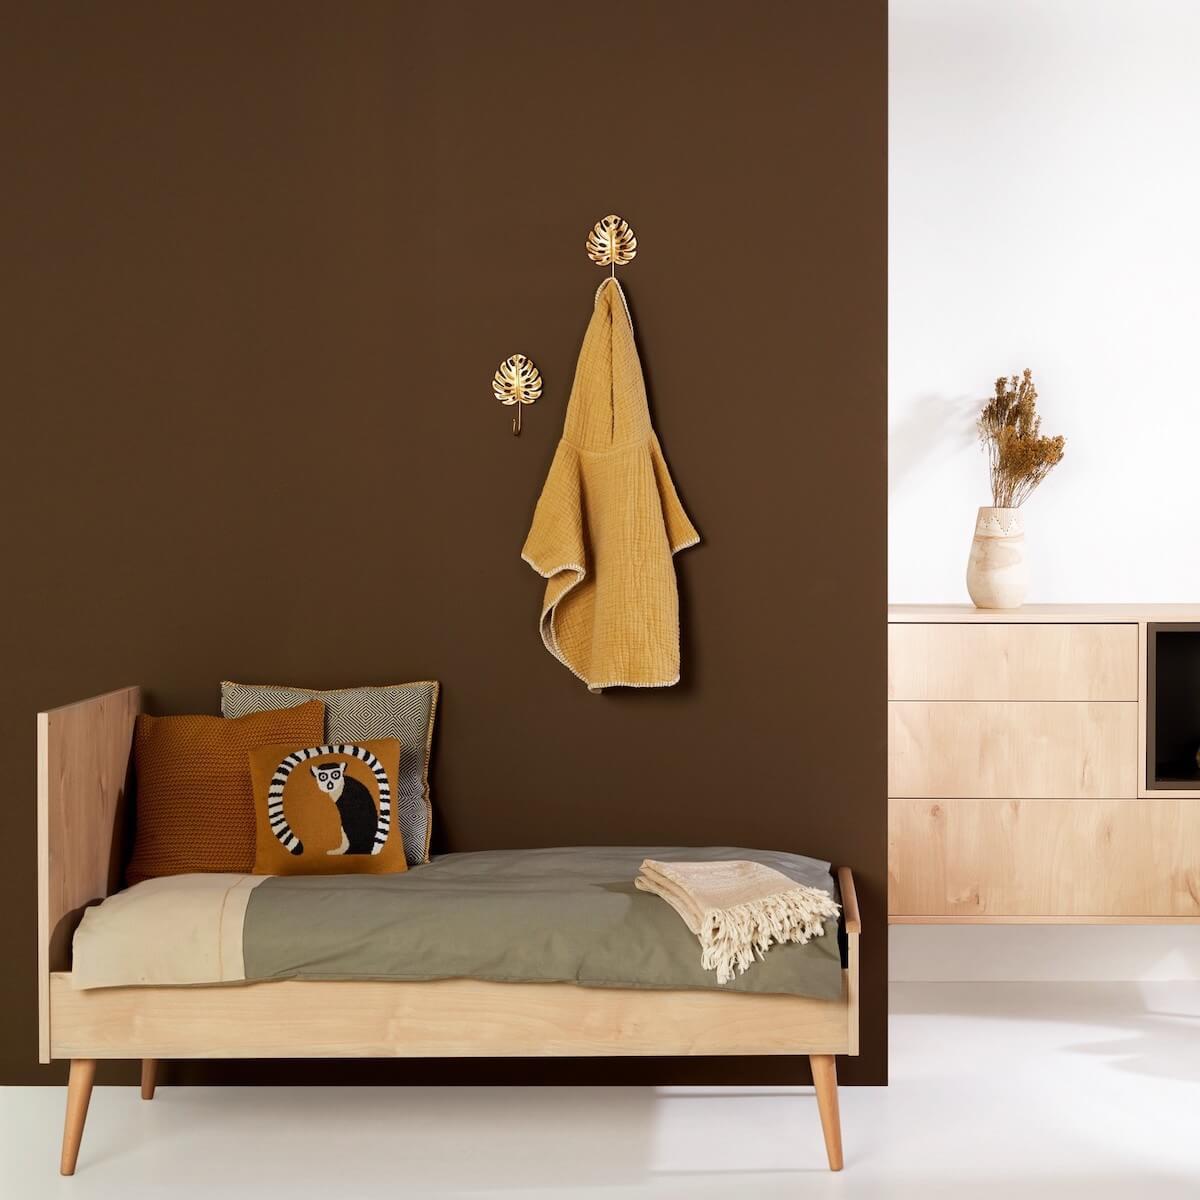 Lit 70x140cm COCOON Quax Natural Oak